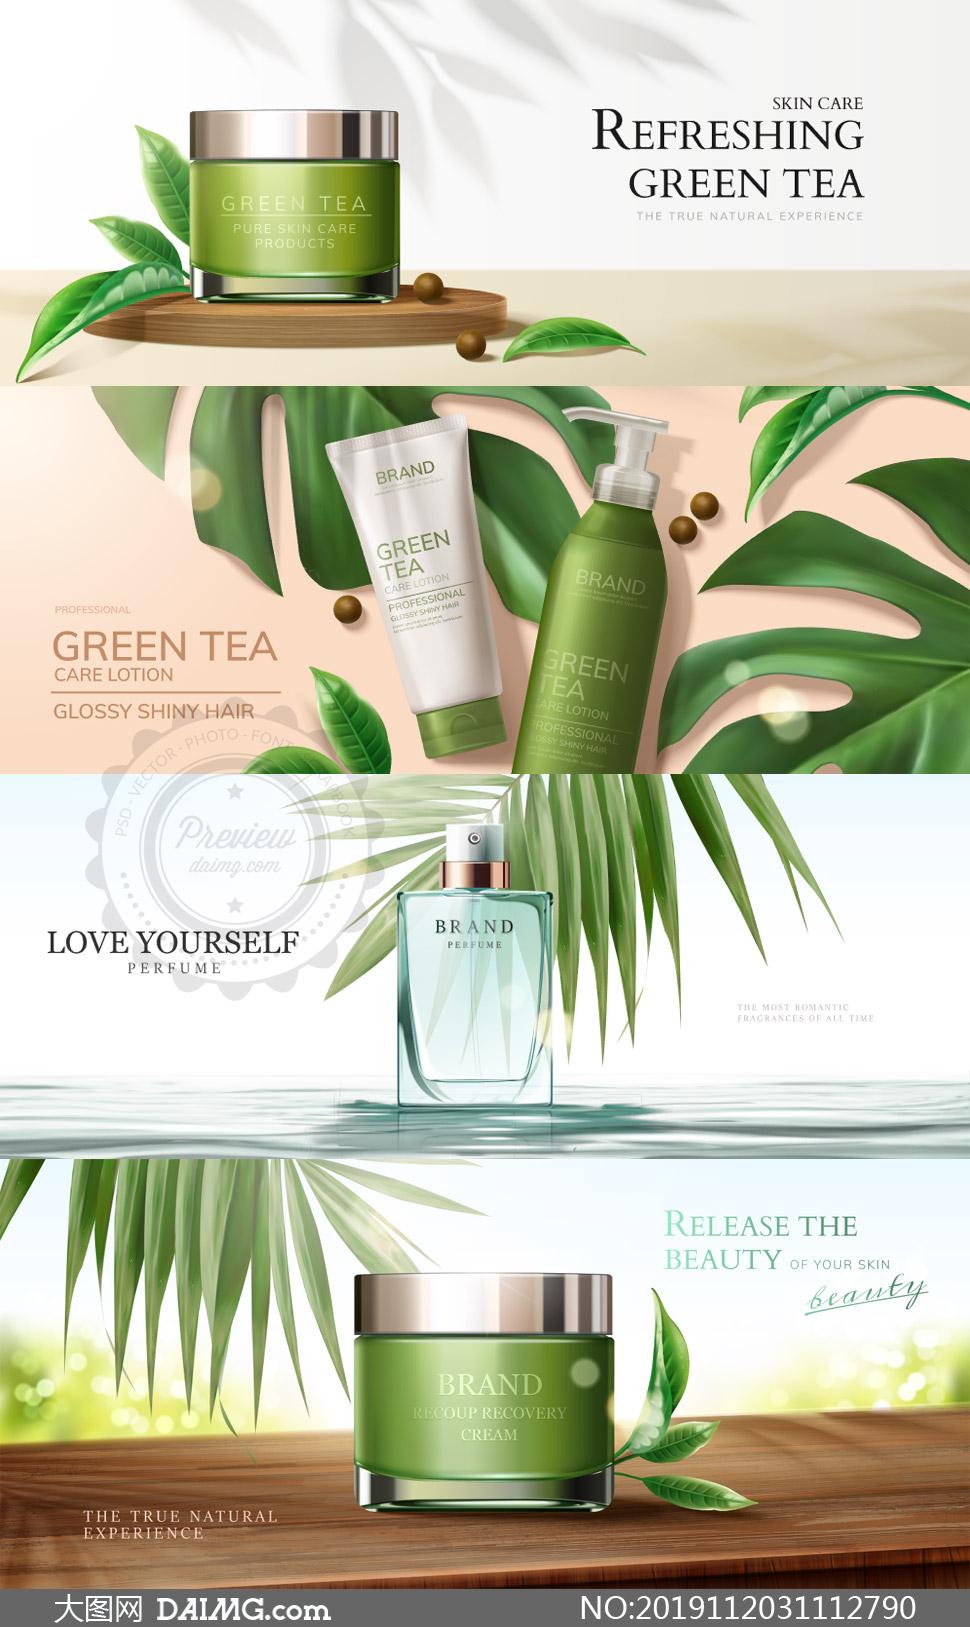 绿茶修护霜等护肤产品广告矢量素材